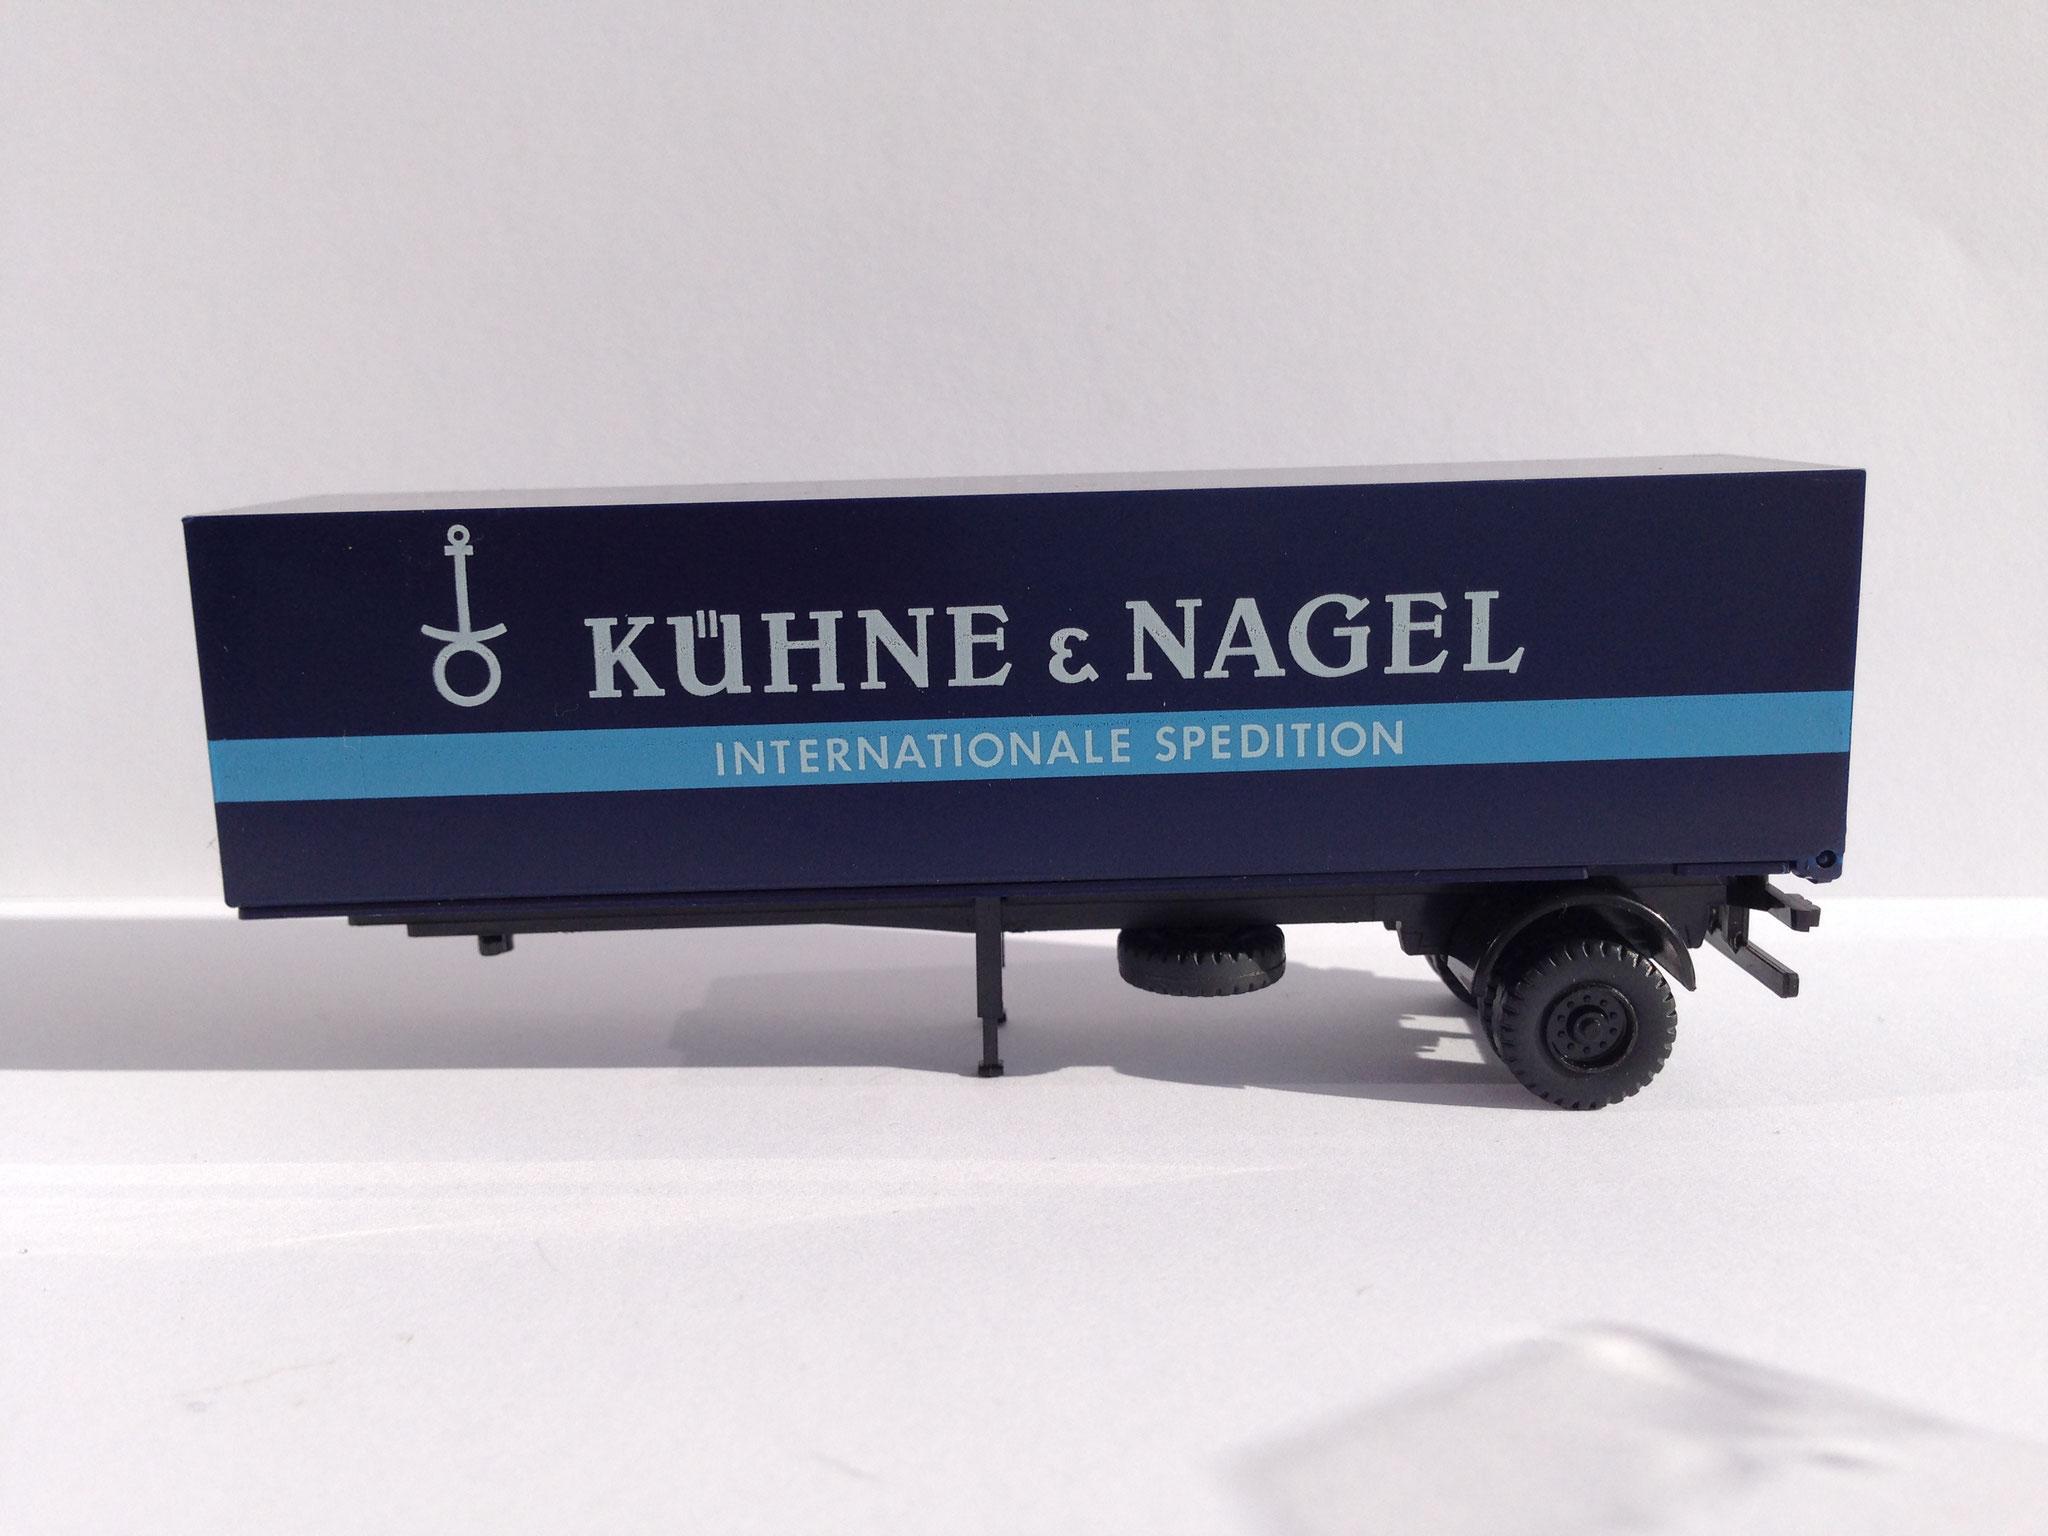 Auflieger Kühne & Nagel, zu Art. Nr. 4856